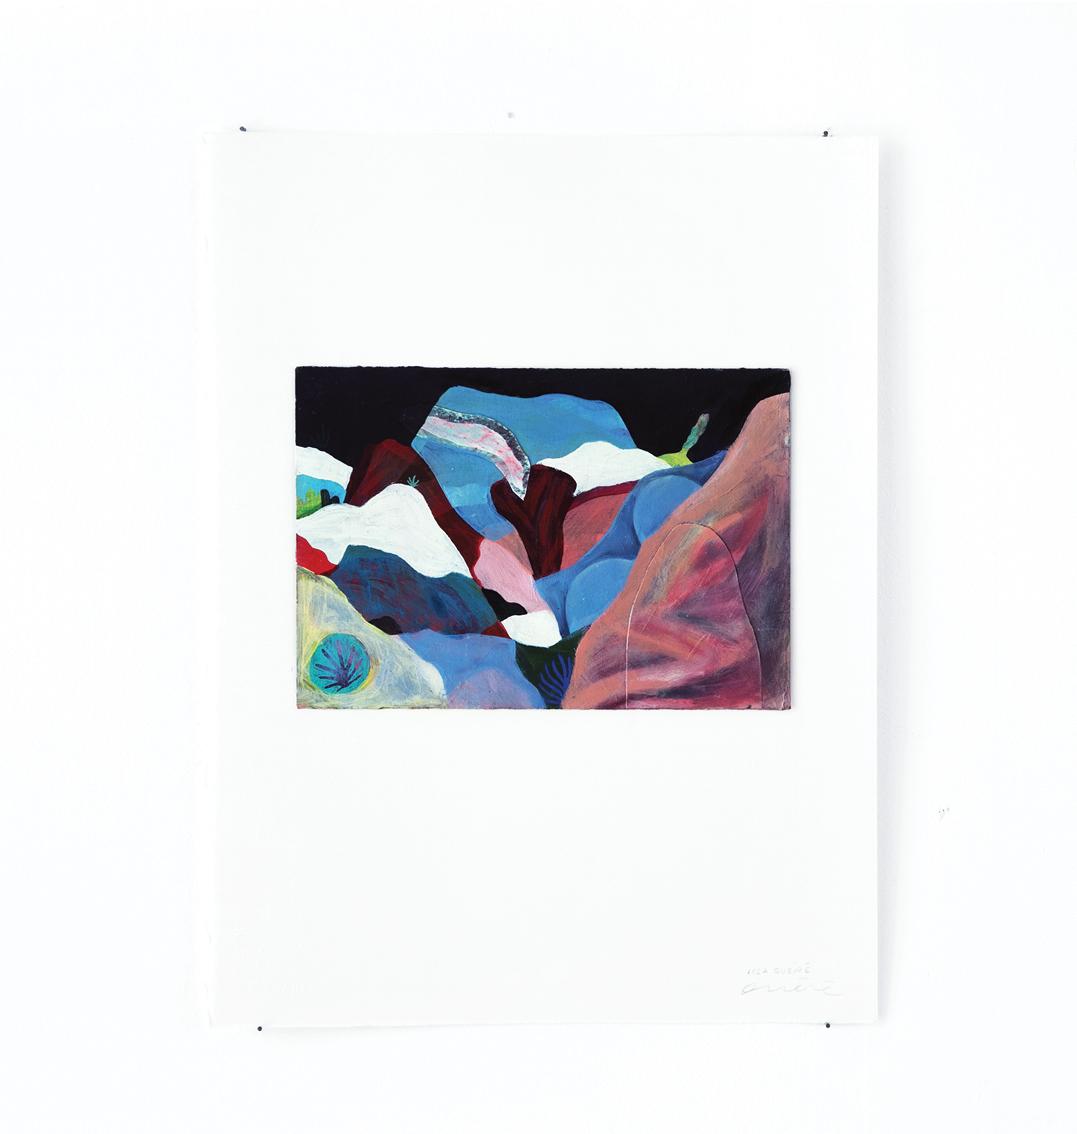 Montagnes - Peinture à l'huile sur carton - 33 x 44 cm - 2016